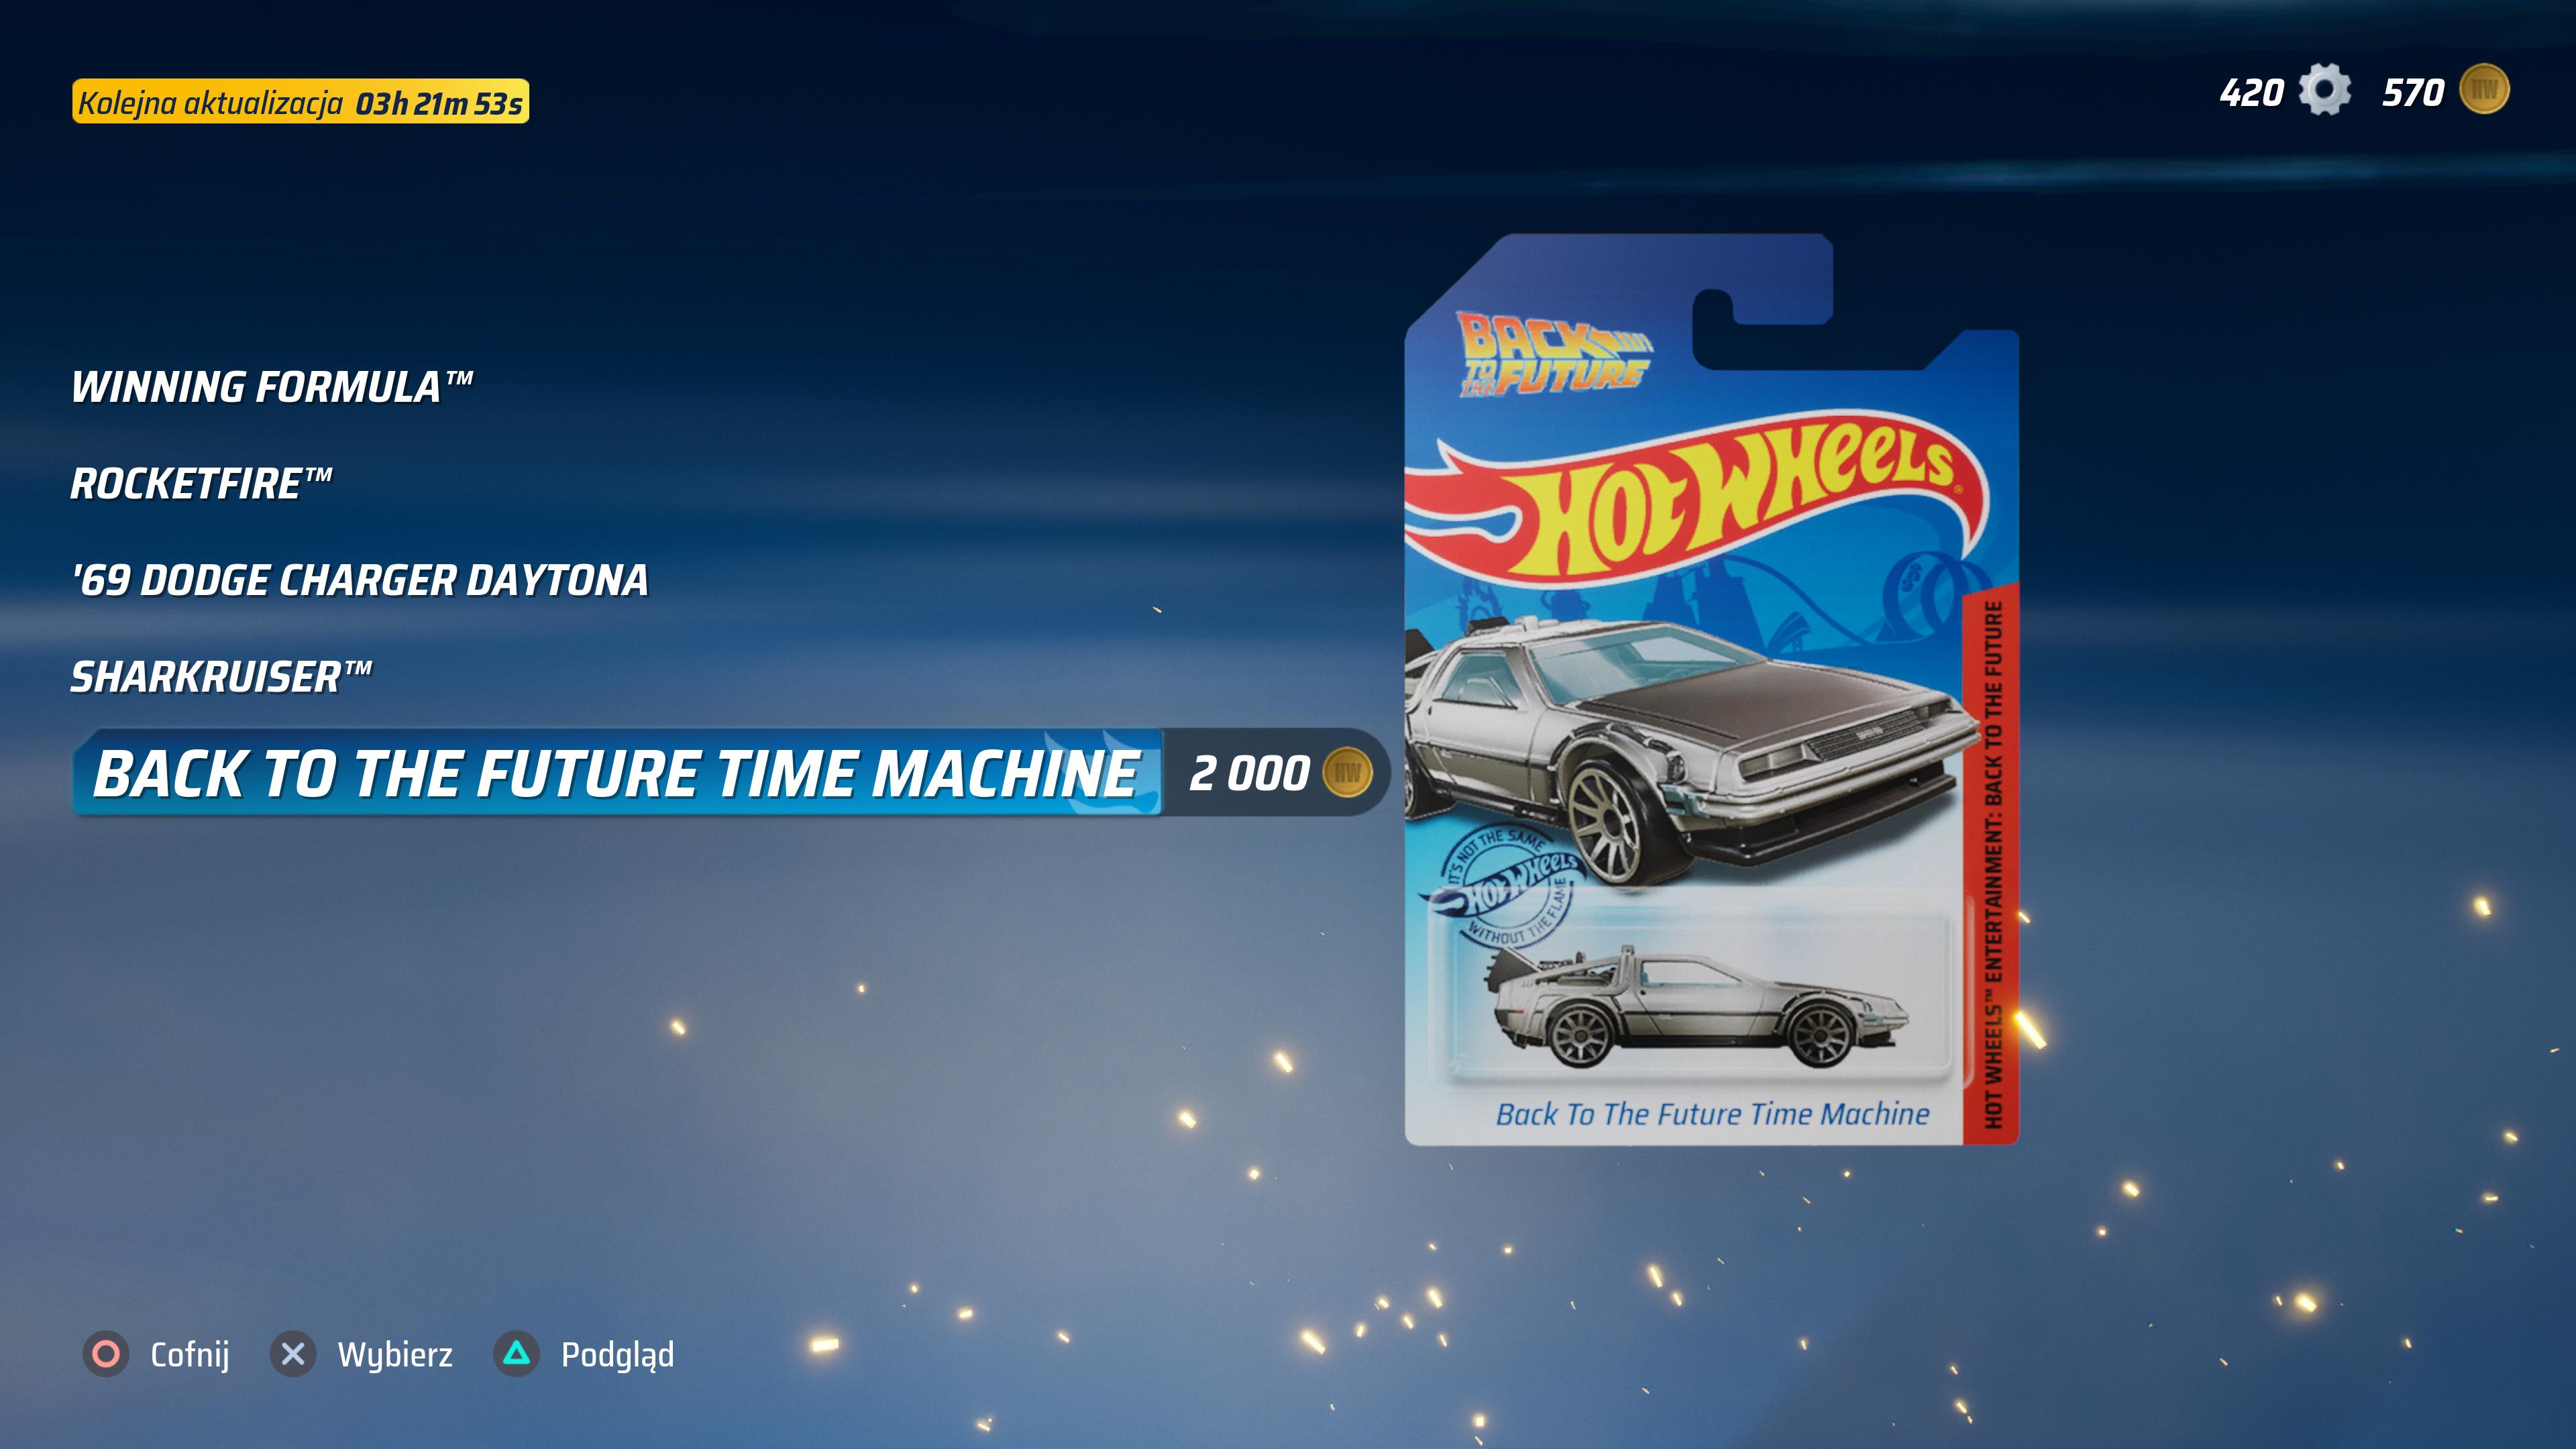 2000 dukatów za Deloreana! Hot Wheels Unleashed wie jak zmusić gracza do grindu